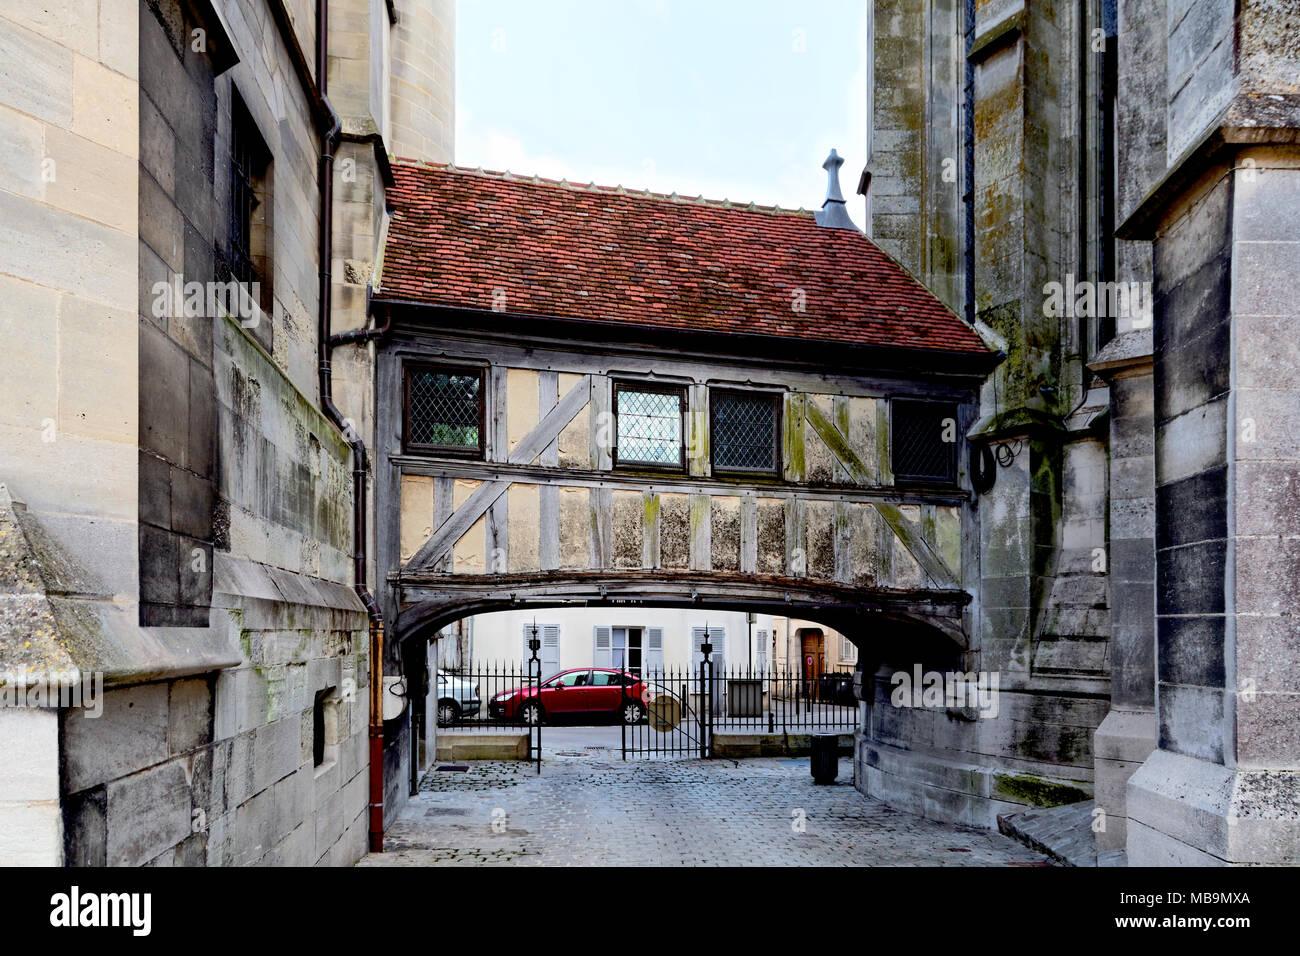 Bridge linking The Vieux Chapitre (The Old Chapter), Meaux, Seine-et-Marne, Île-de-France, near Paris, France, to Cathedrale Saint-Etienne (Meaux Cath - Stock Image